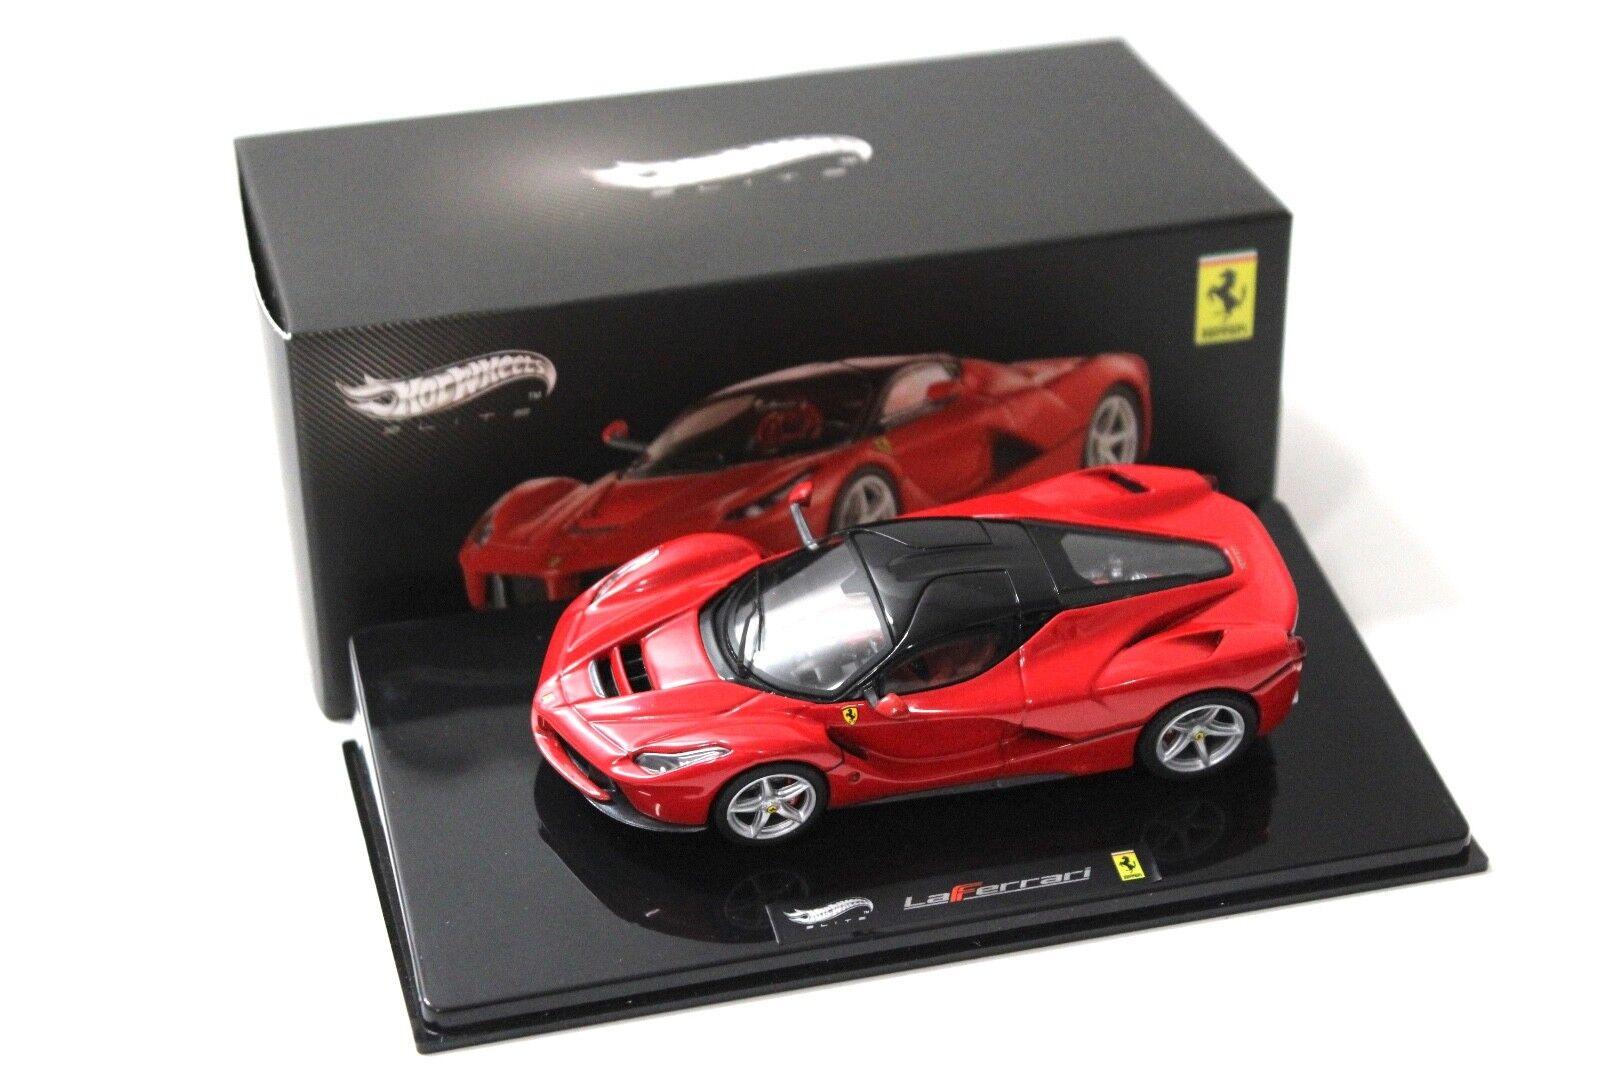 1 43 Hot Wheels Elite Ferrari LaFerrari rouge New chez Premium-modelcars